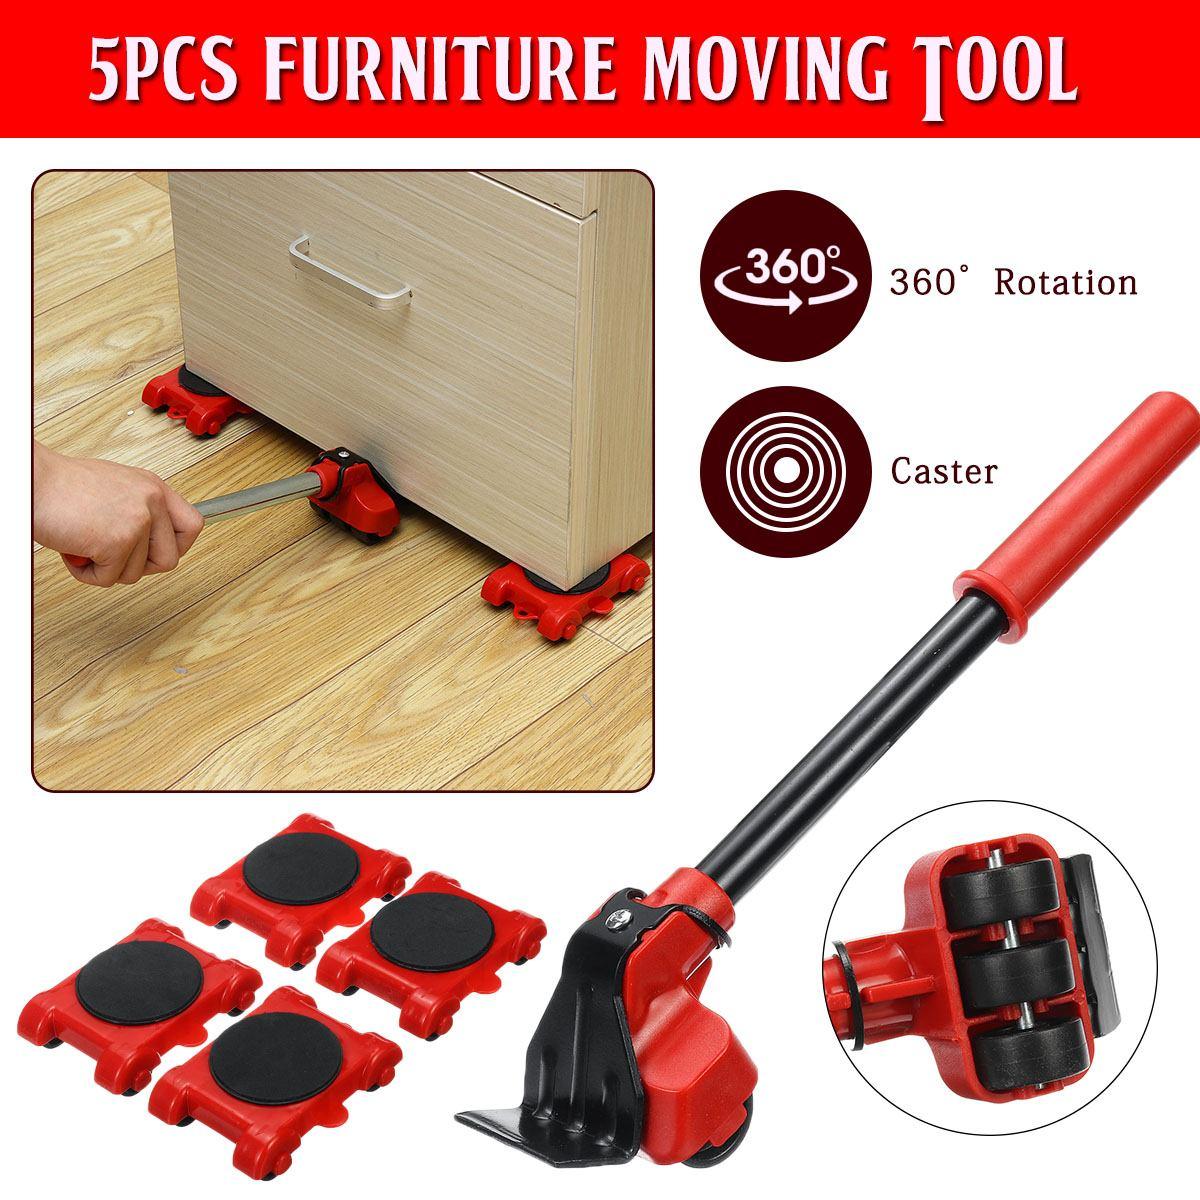 Сверхмощный подъемник для мебели, транспортный инструмент, набор для перекачки мебели, 4 подвижных ролика, 1 колесная планка для подъема под...